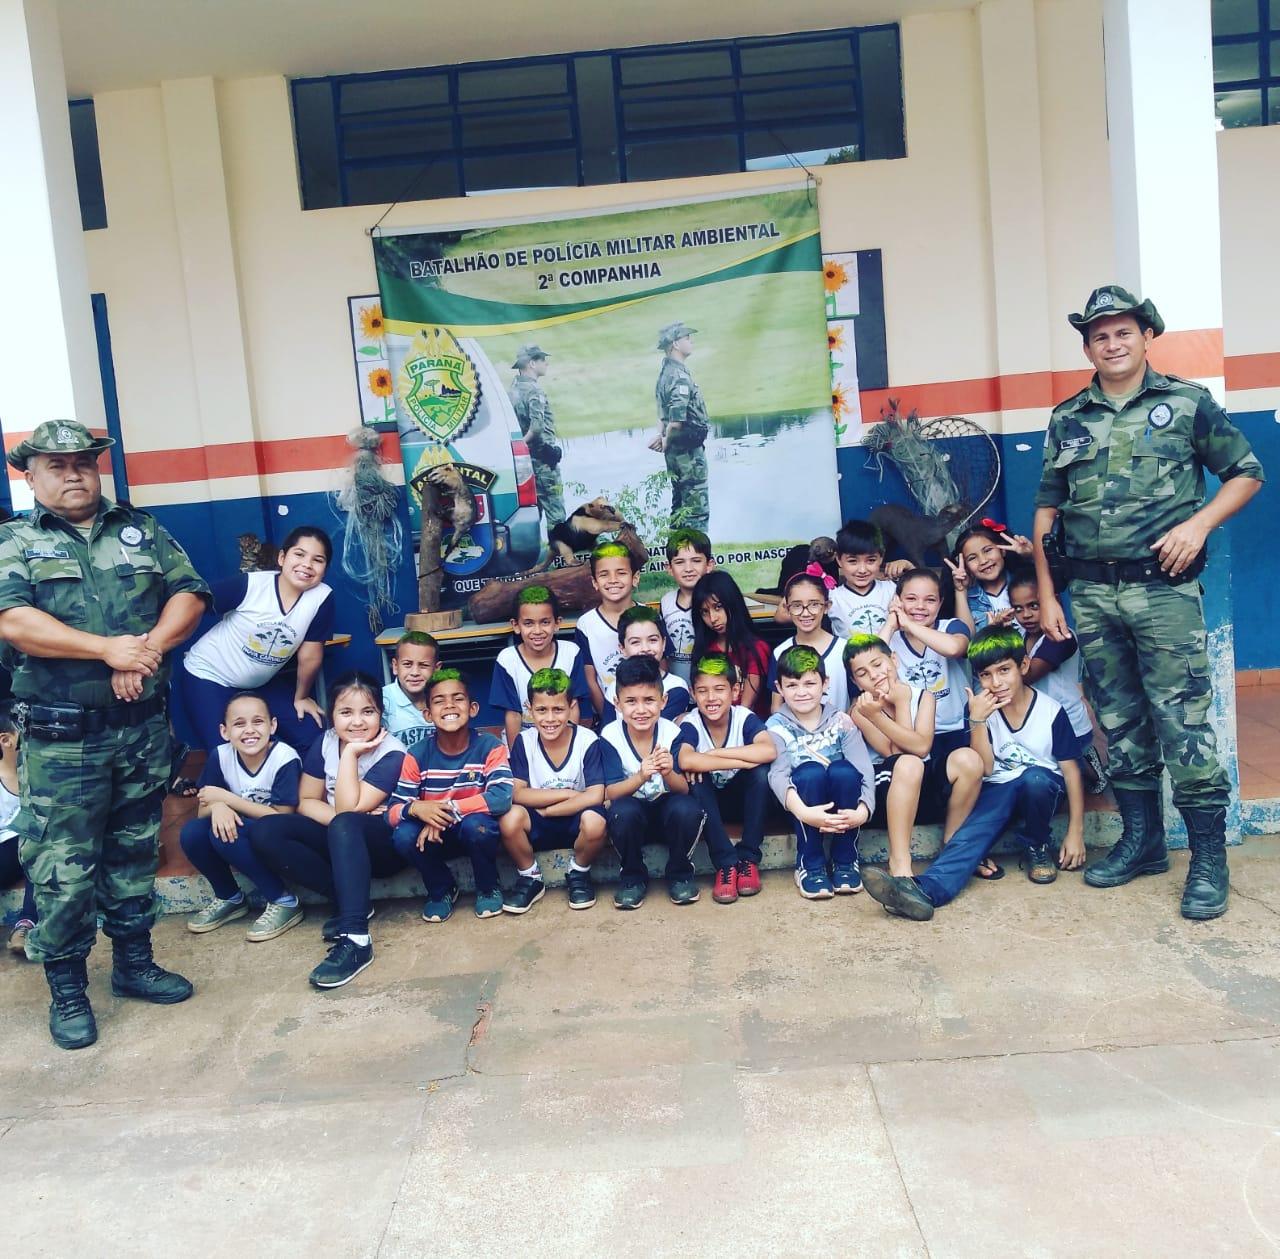 """2ºBPM: Policiais Militares de Ribeirão do Pinhal realizam evento em comemoração ao dia das crianças """"Confiram as fotos"""""""